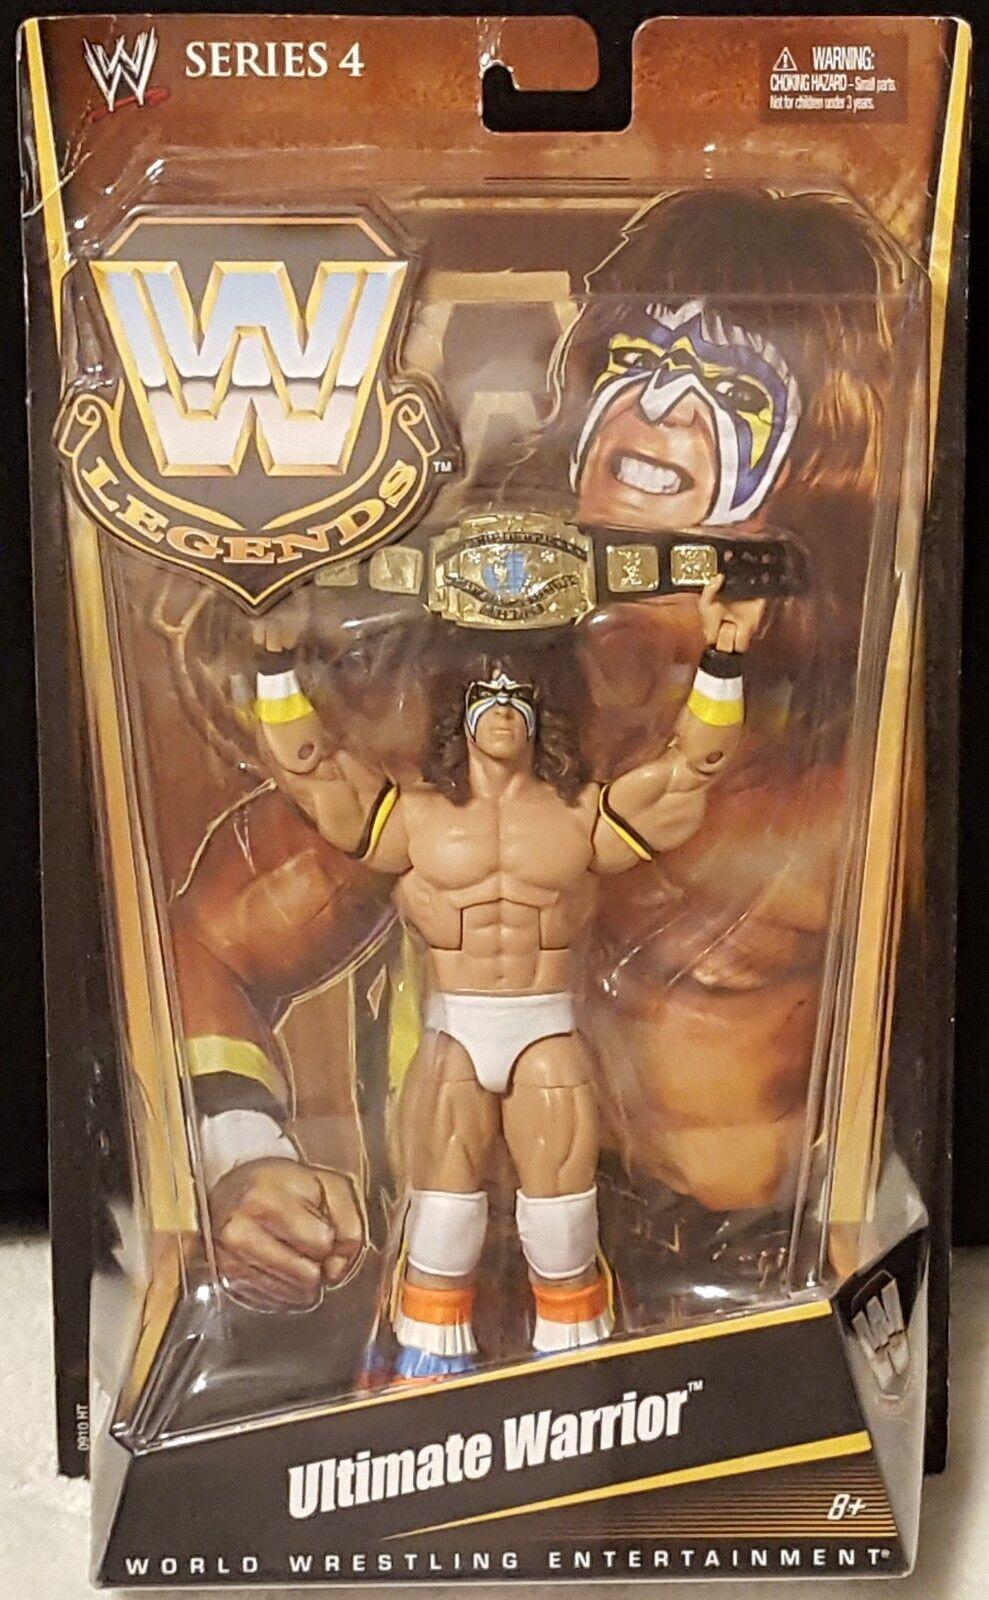 tienda en linea WWE Ultimate Warrior Lengends serie serie serie 4 lucha libre Acción Figura Mattel 2010  Todo en alta calidad y bajo precio.